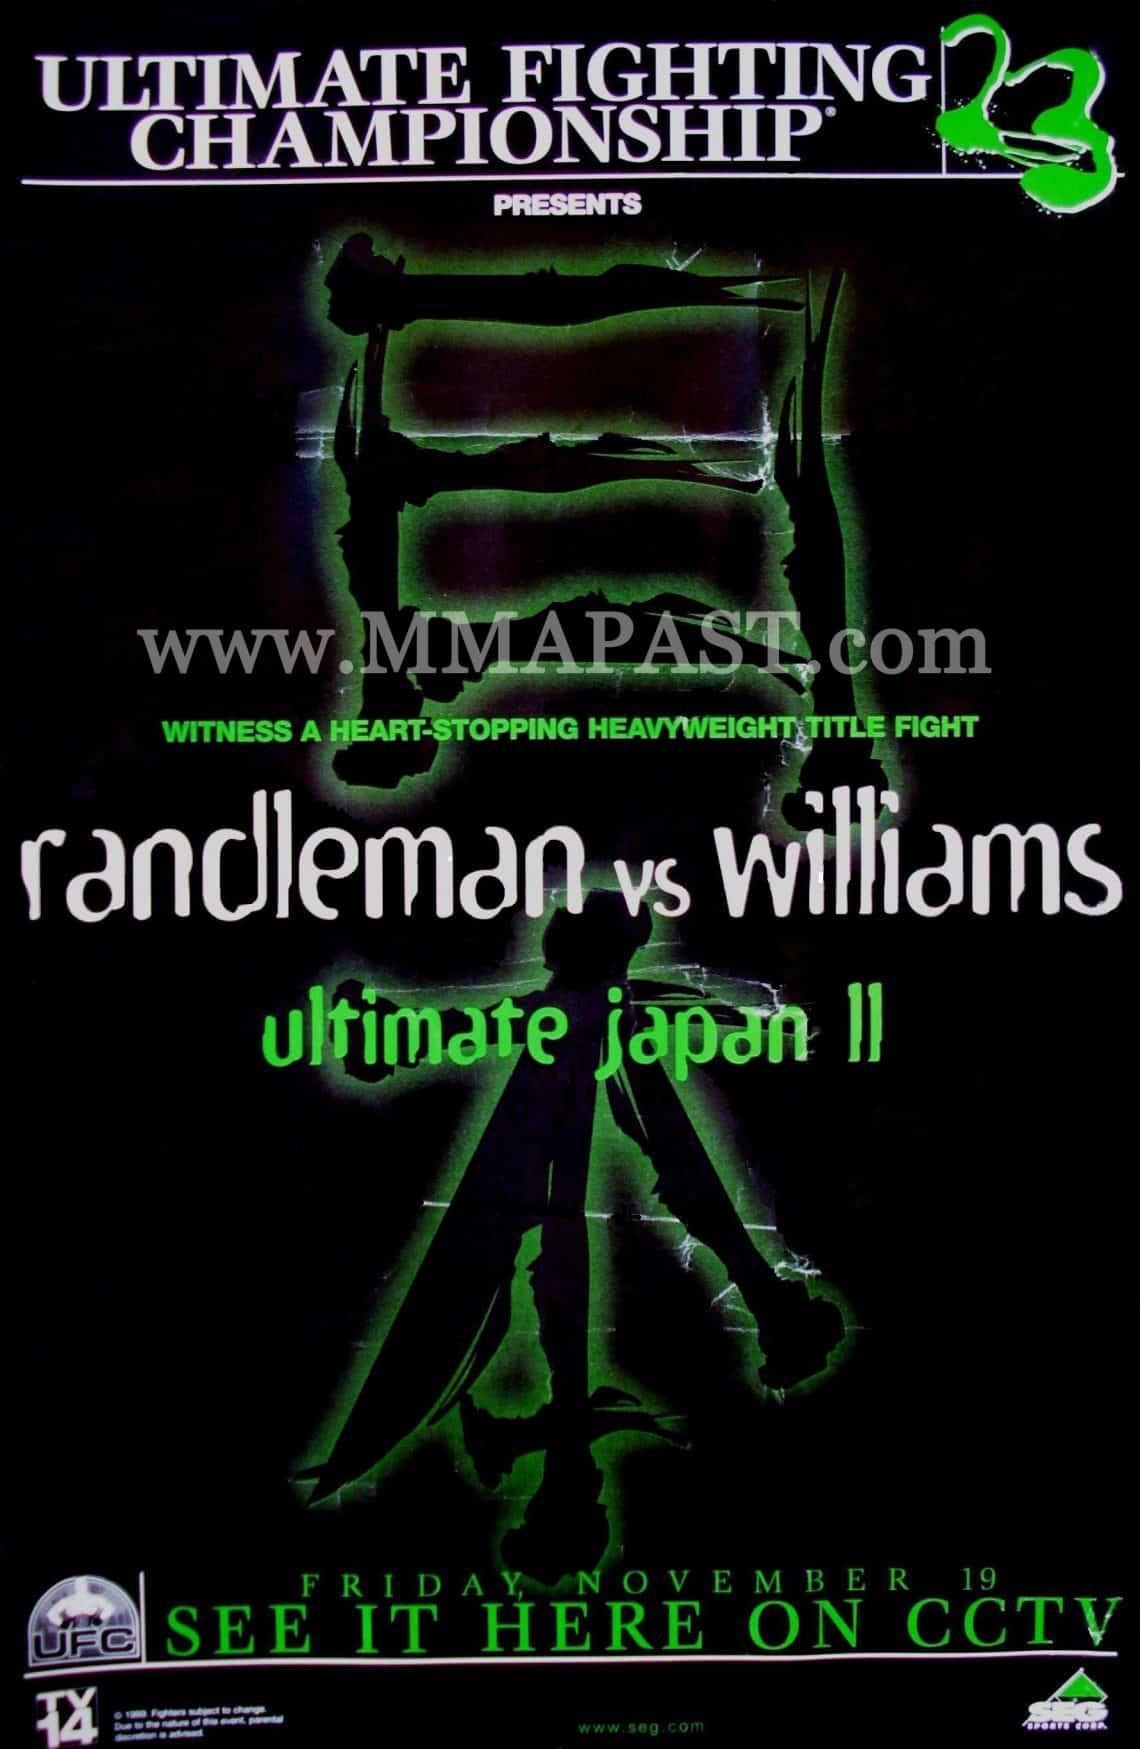 UFC 23: Ultimate Japan 2 1